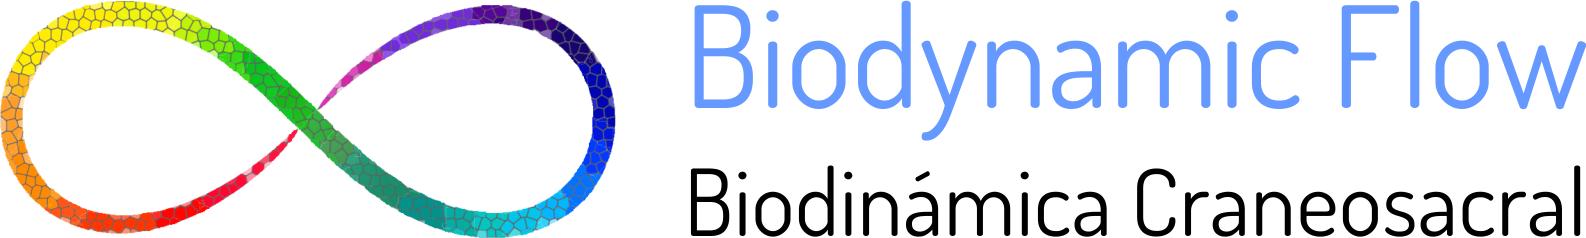 Biodynamic Flow